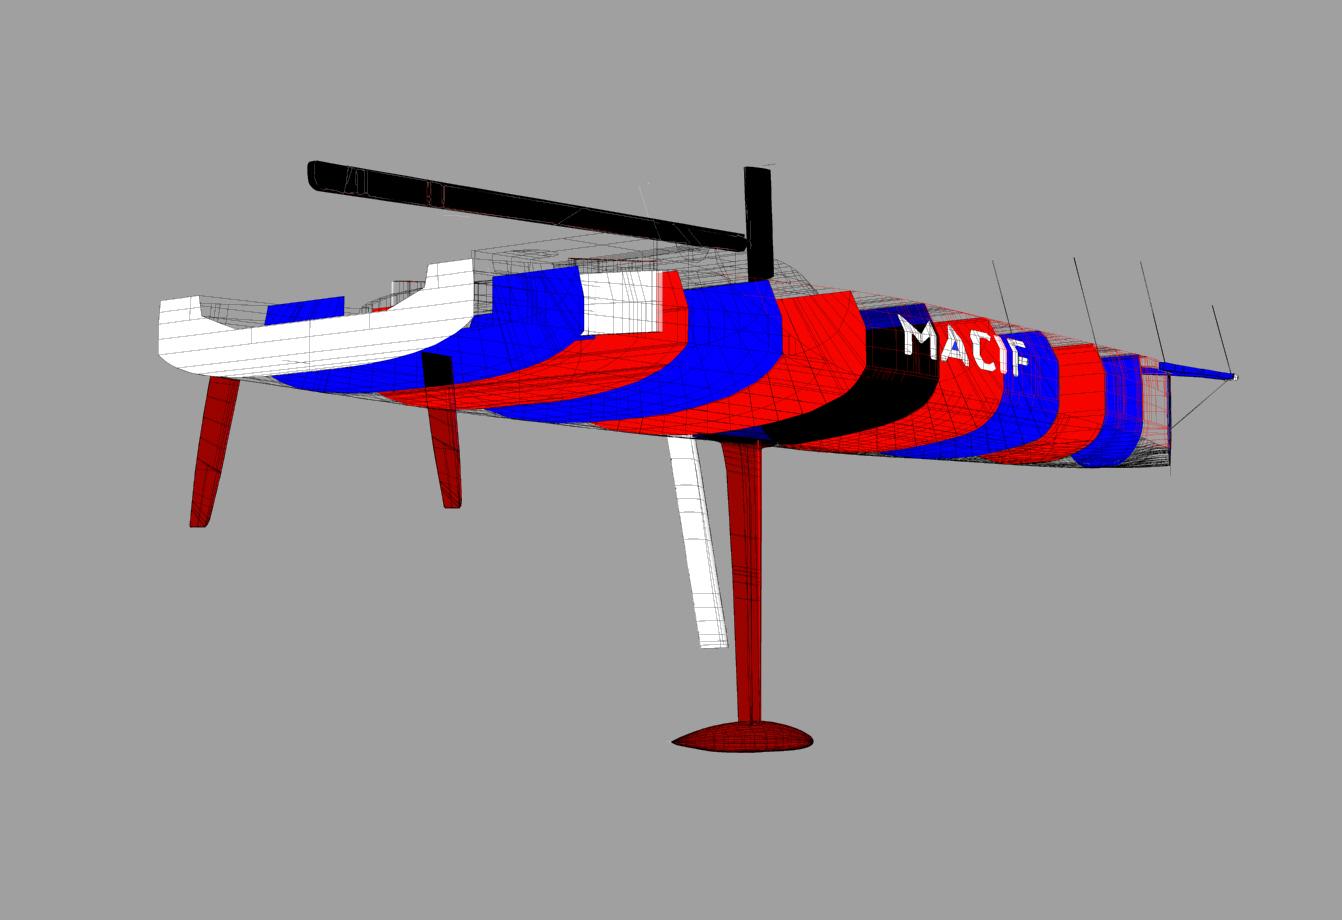 macif boat design net. Black Bedroom Furniture Sets. Home Design Ideas